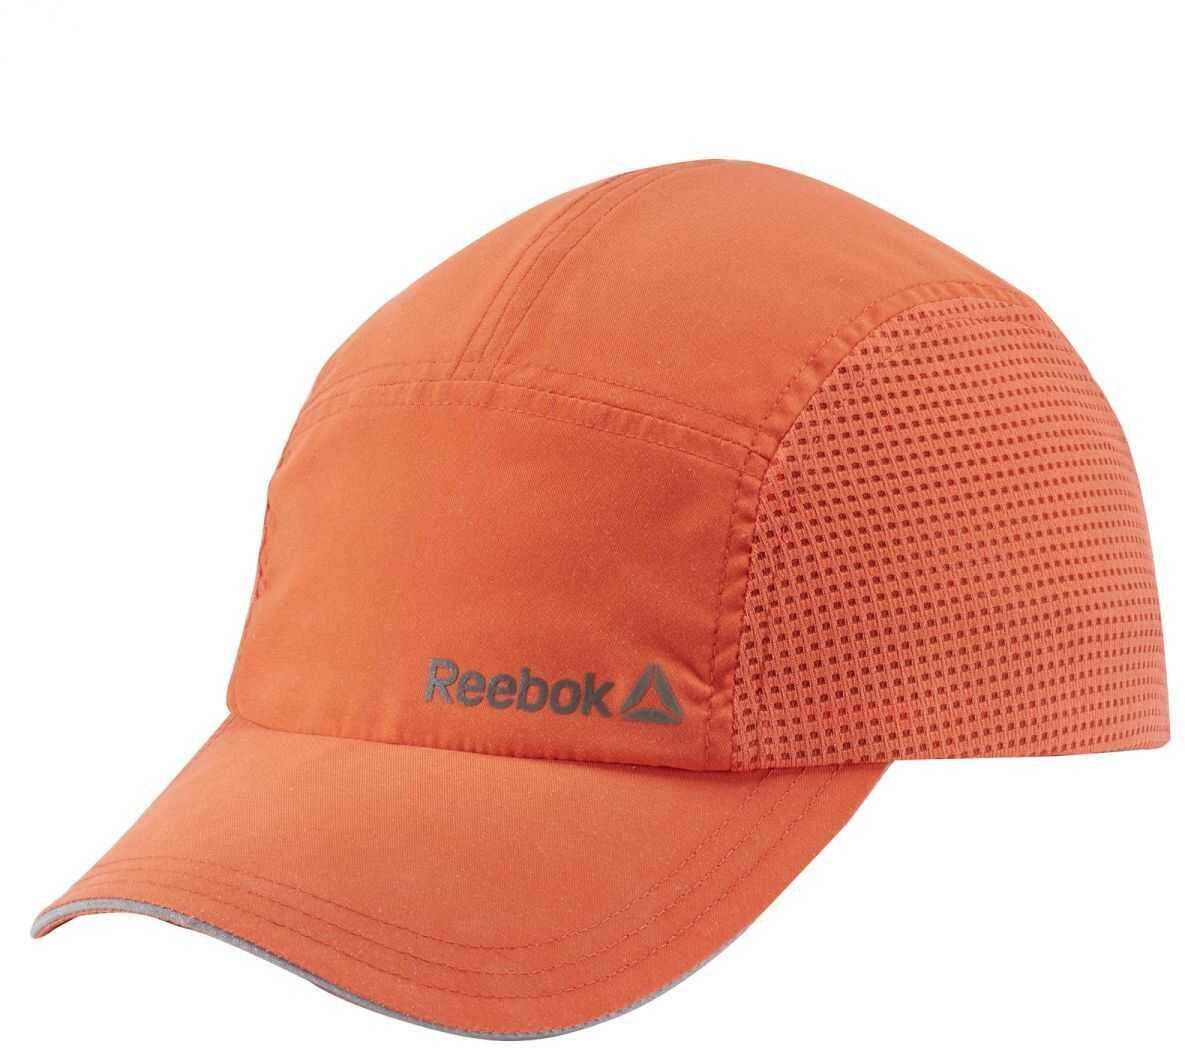 Reebok OS RUN PERF CAP SEFISP